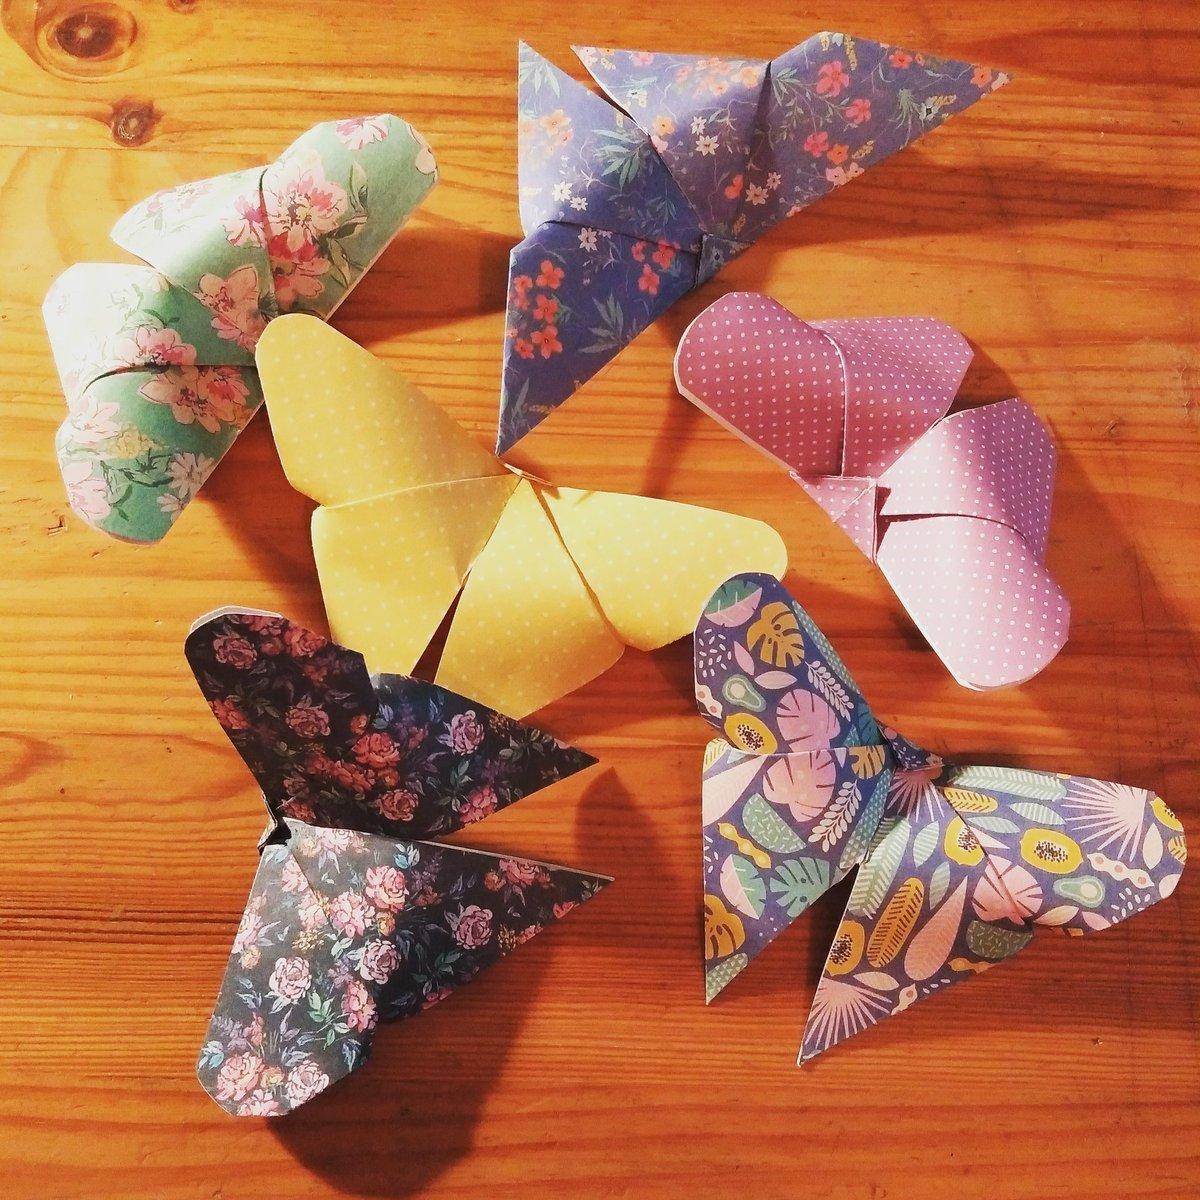 Les origamis de 6h du mat' : j'apprends à faire des papillons et je sens que c'est déjà mon max en terme de compréhension de tuto ;))) https://t.co/SXysKowSRQ